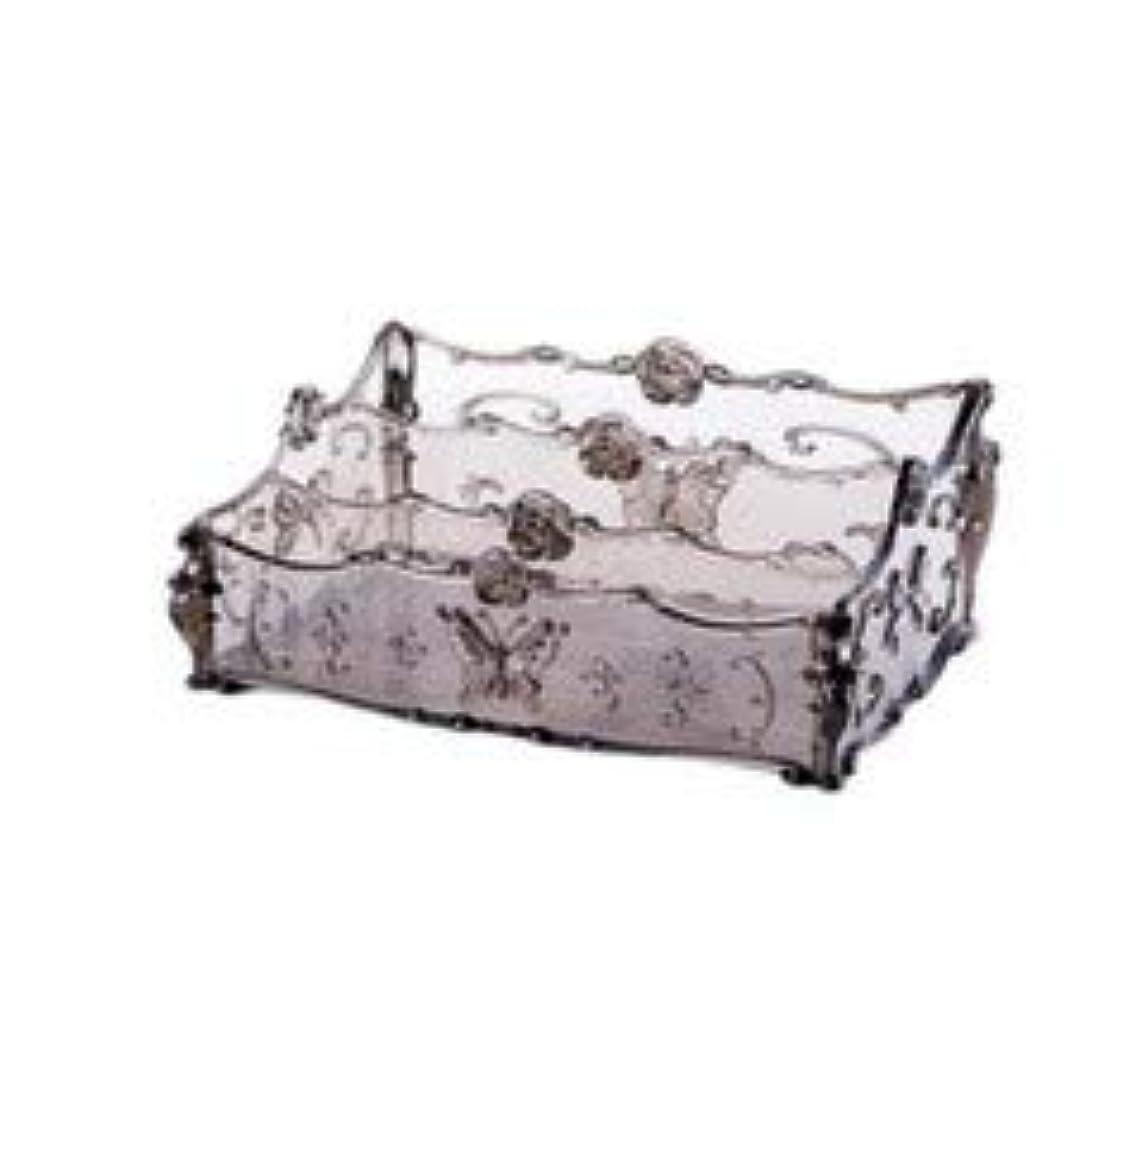 個人書き込み運動するフラワー彫刻デスクトップ化粧品収納ボックス化粧台透明ラック家庭用プラスチックマルチカラースキンケア製品仕上げボックス (Color : Transparent gray)